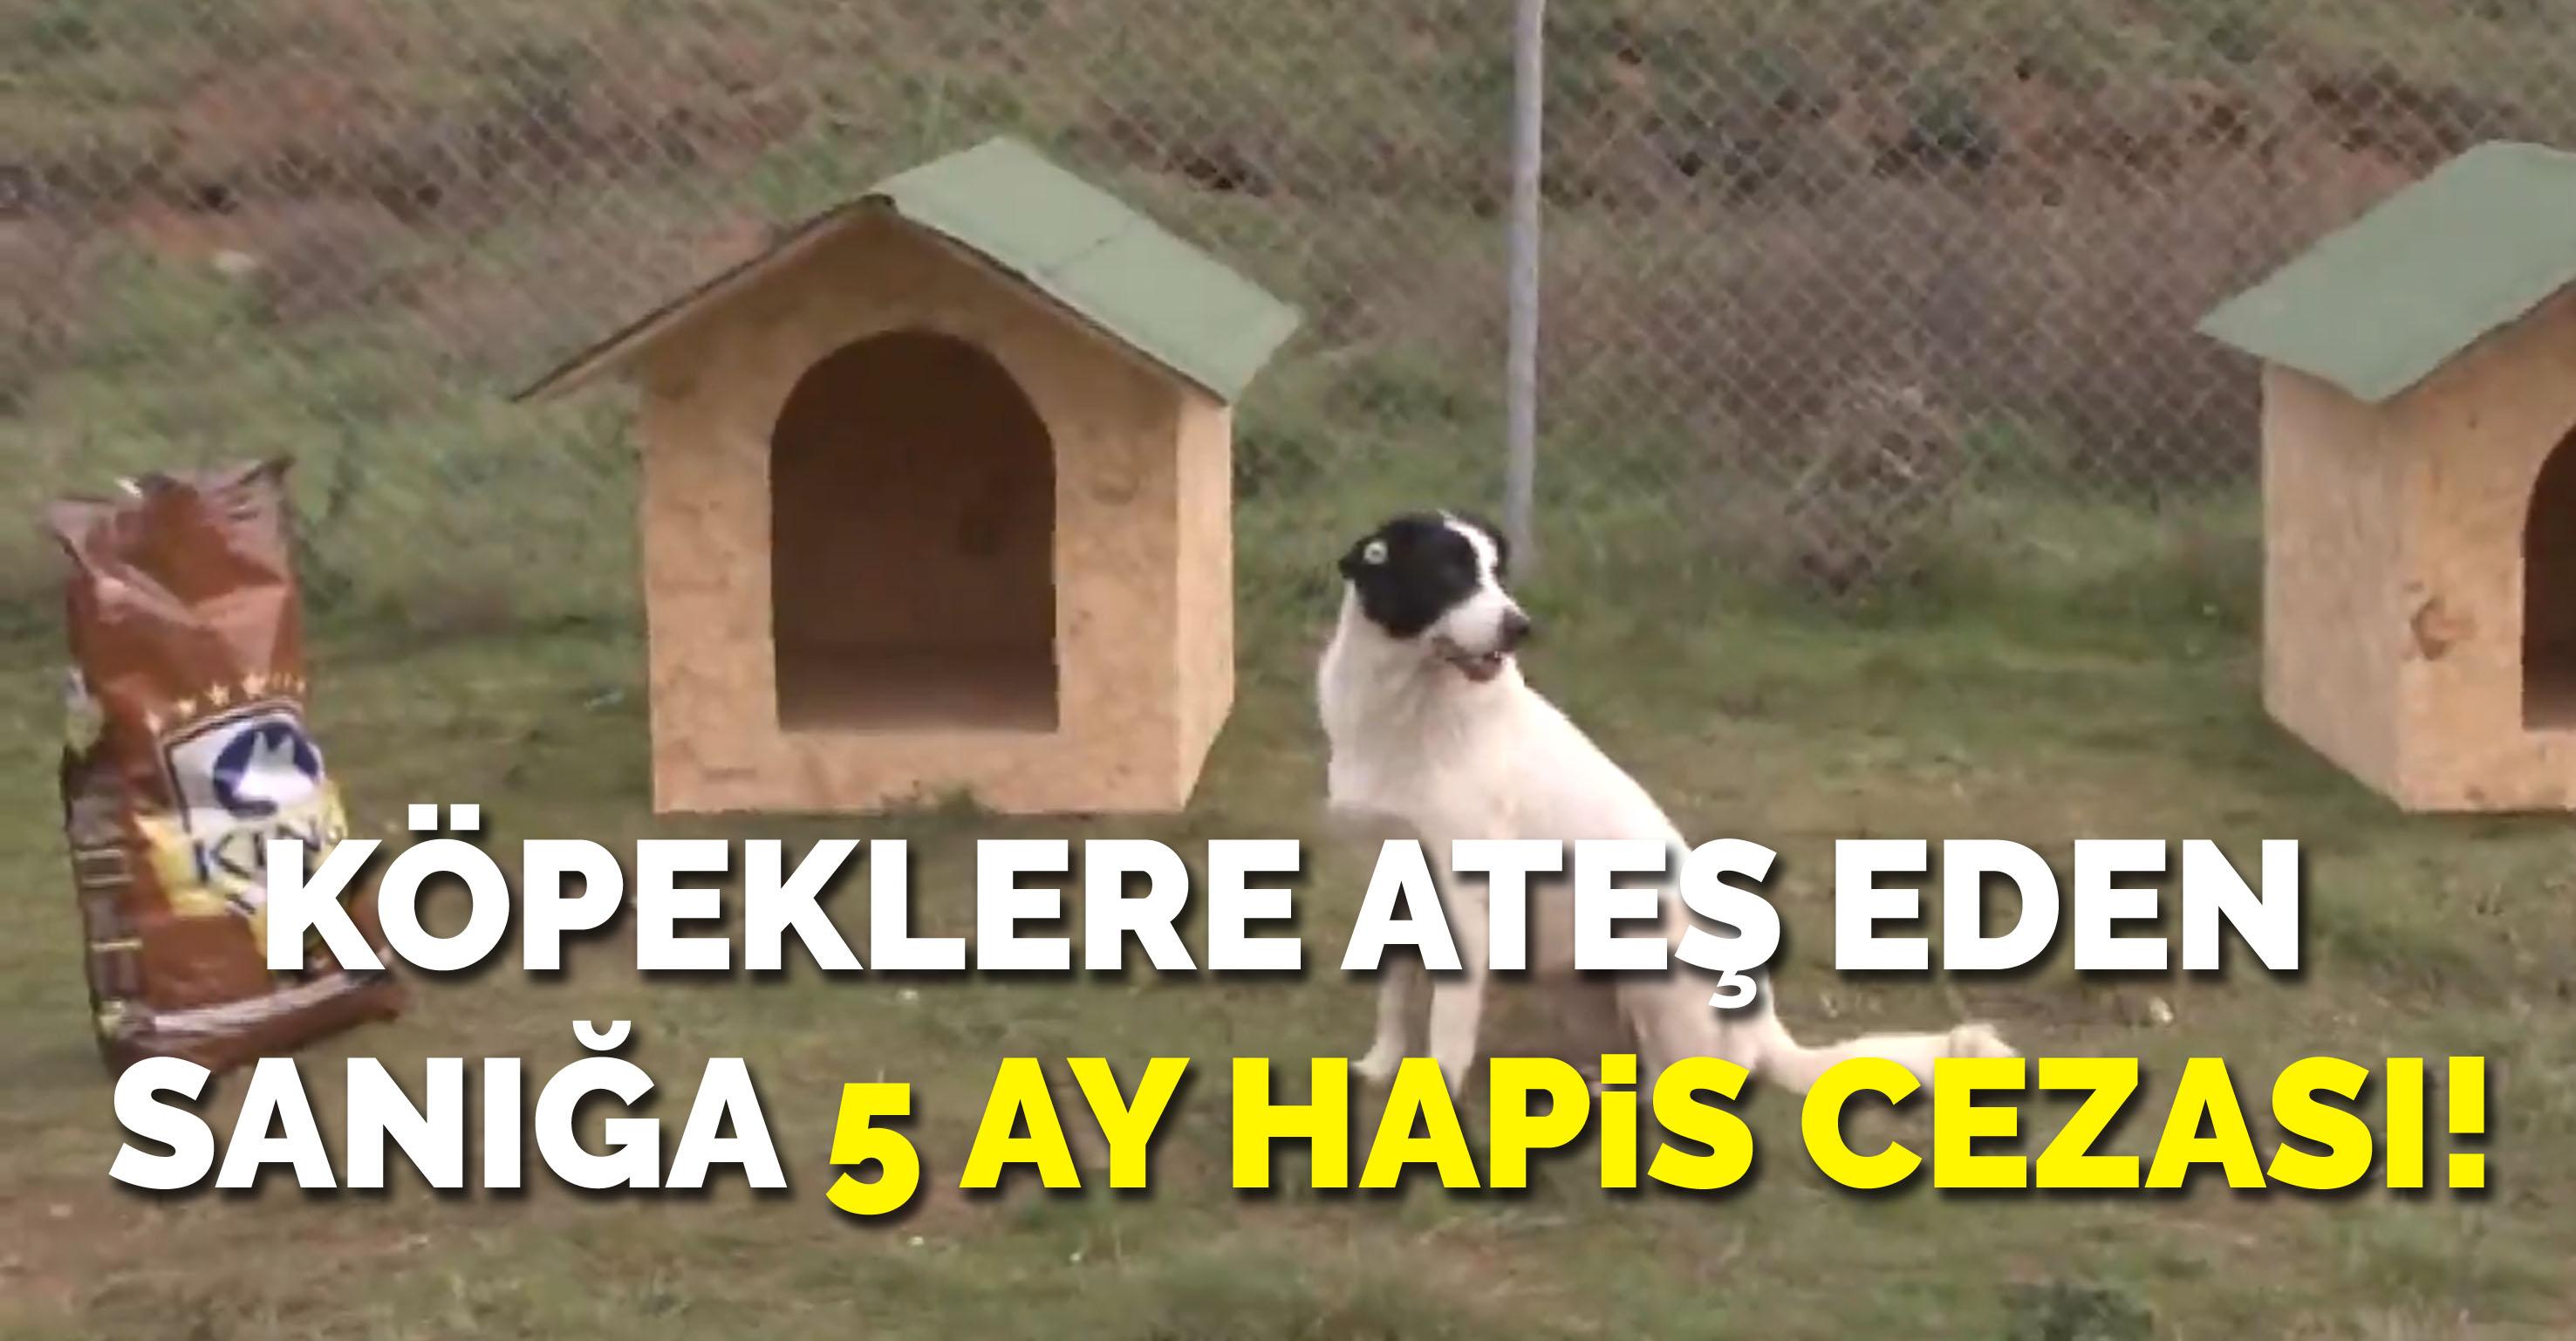 Köpeklere ateş eden sanığa 5 ay hapis cezası!